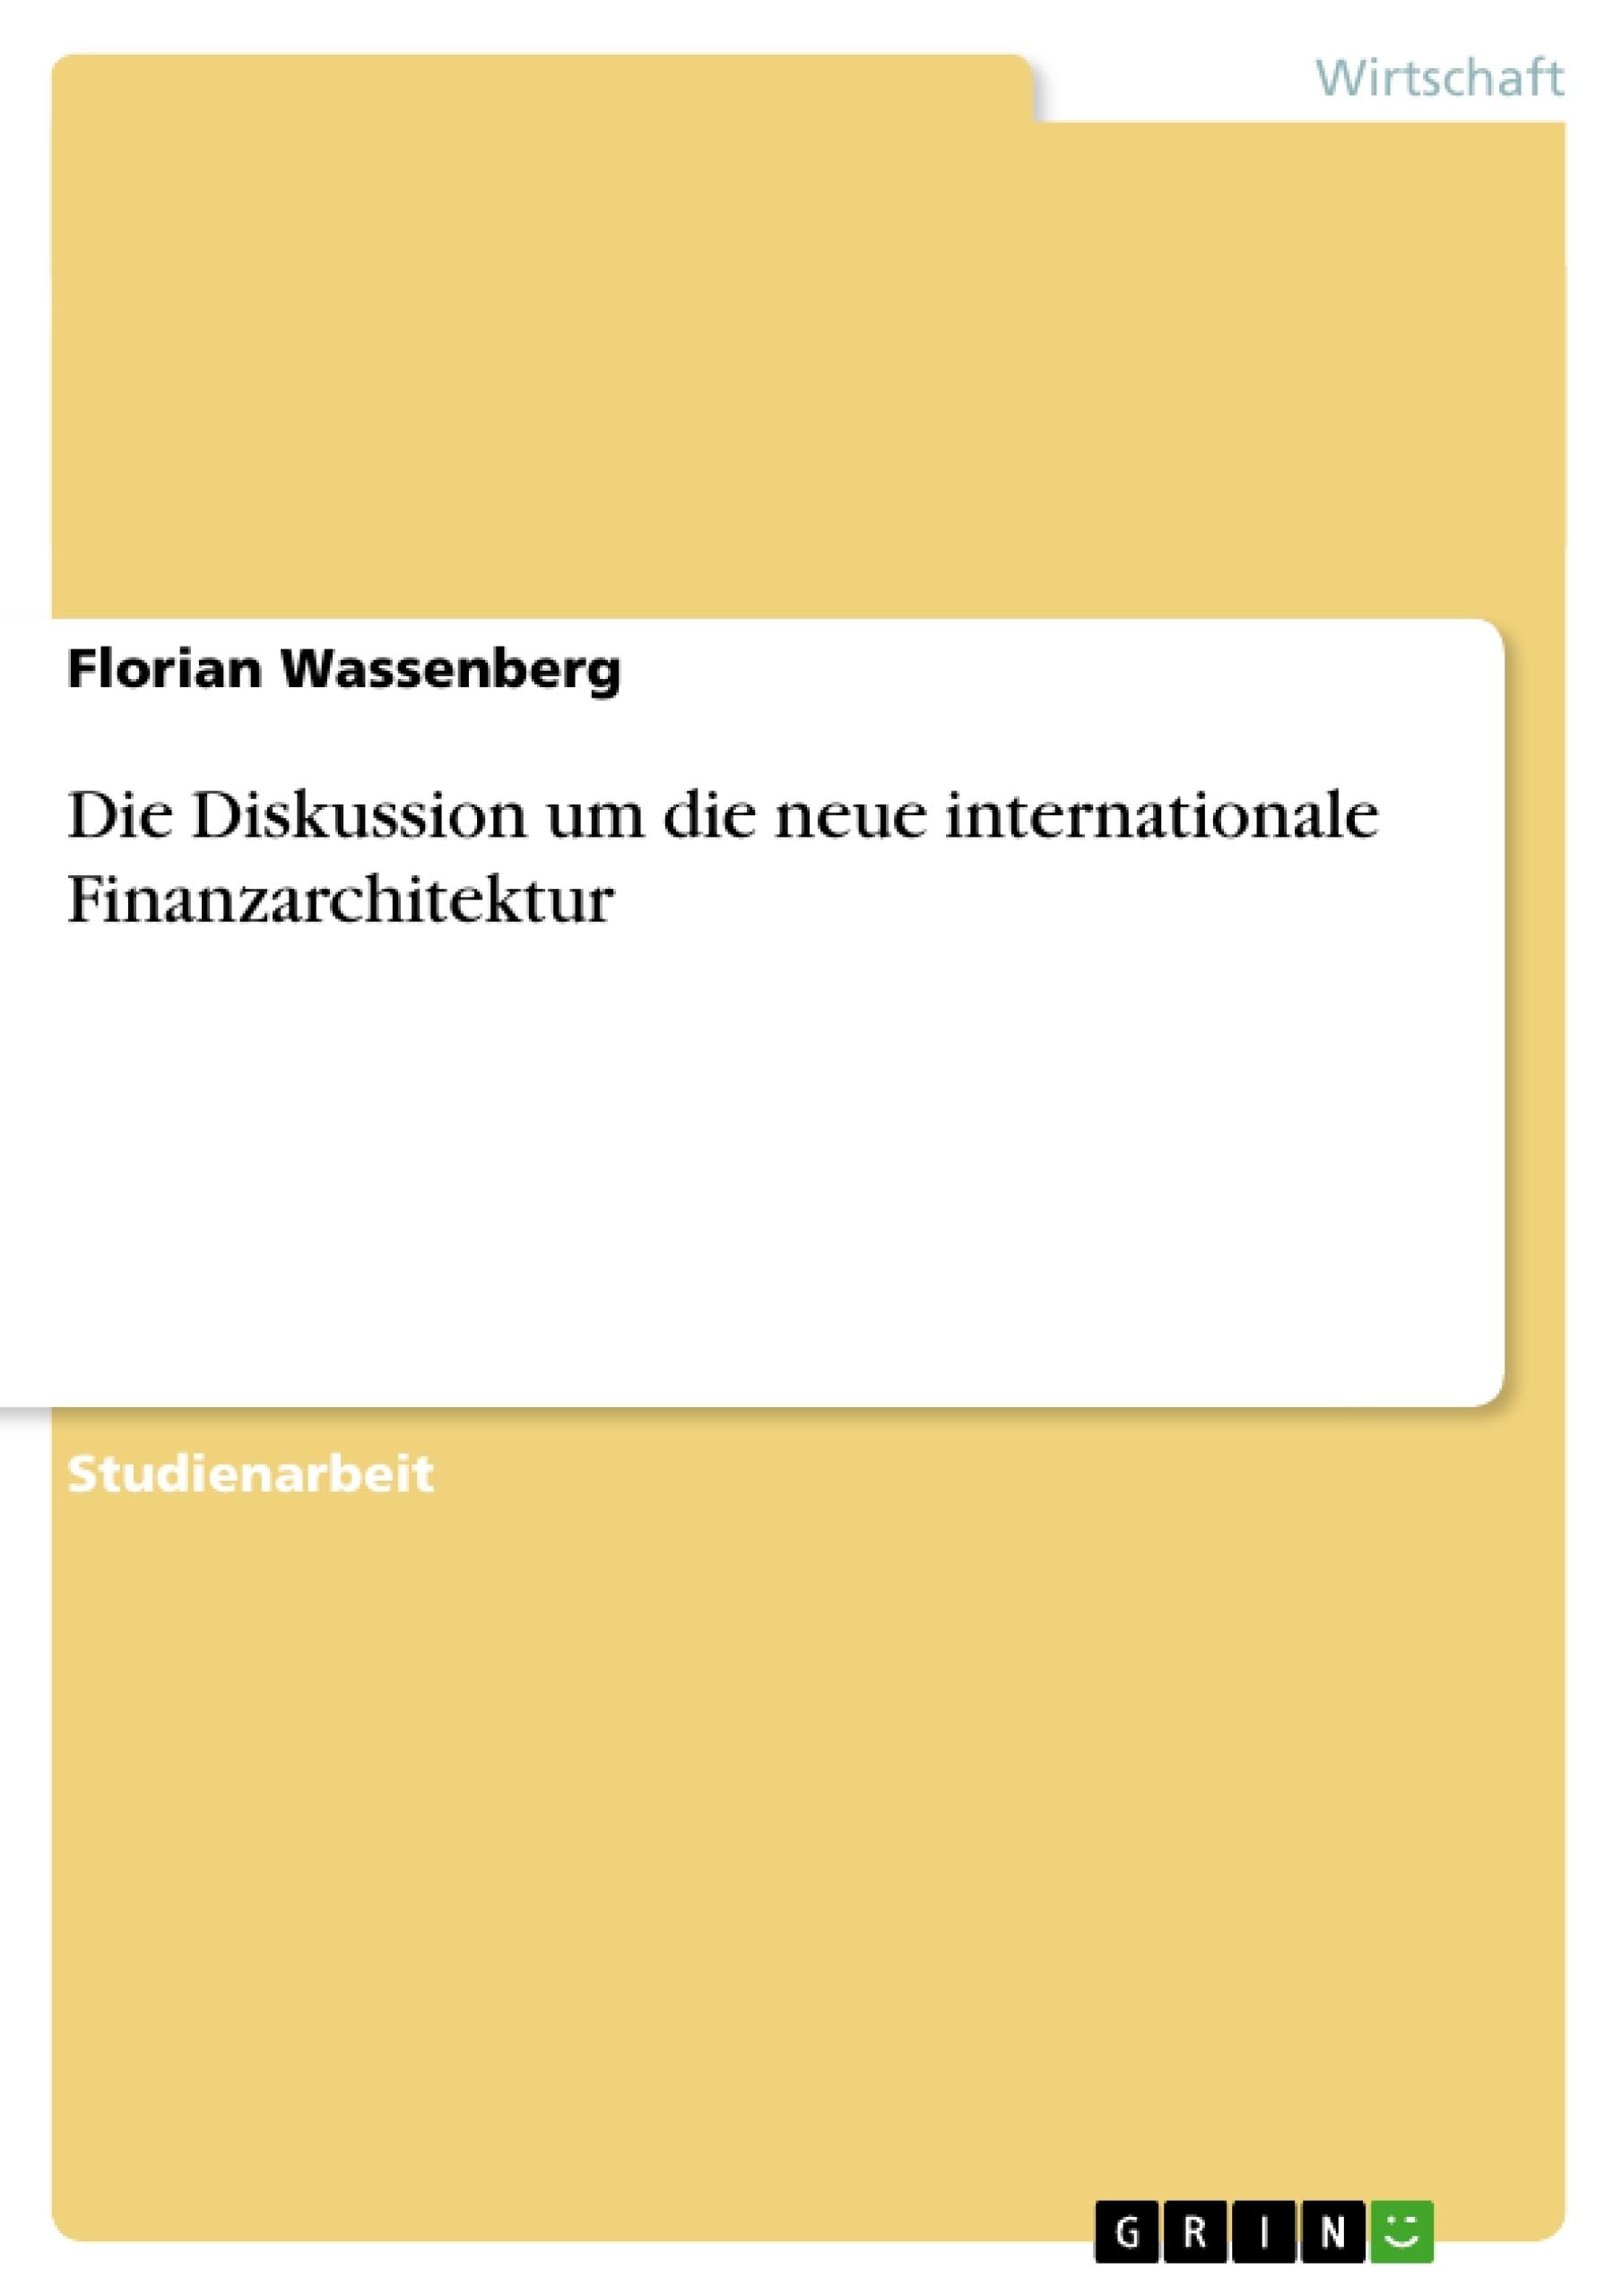 Titel: Die Diskussion um die neue internationale Finanzarchitektur